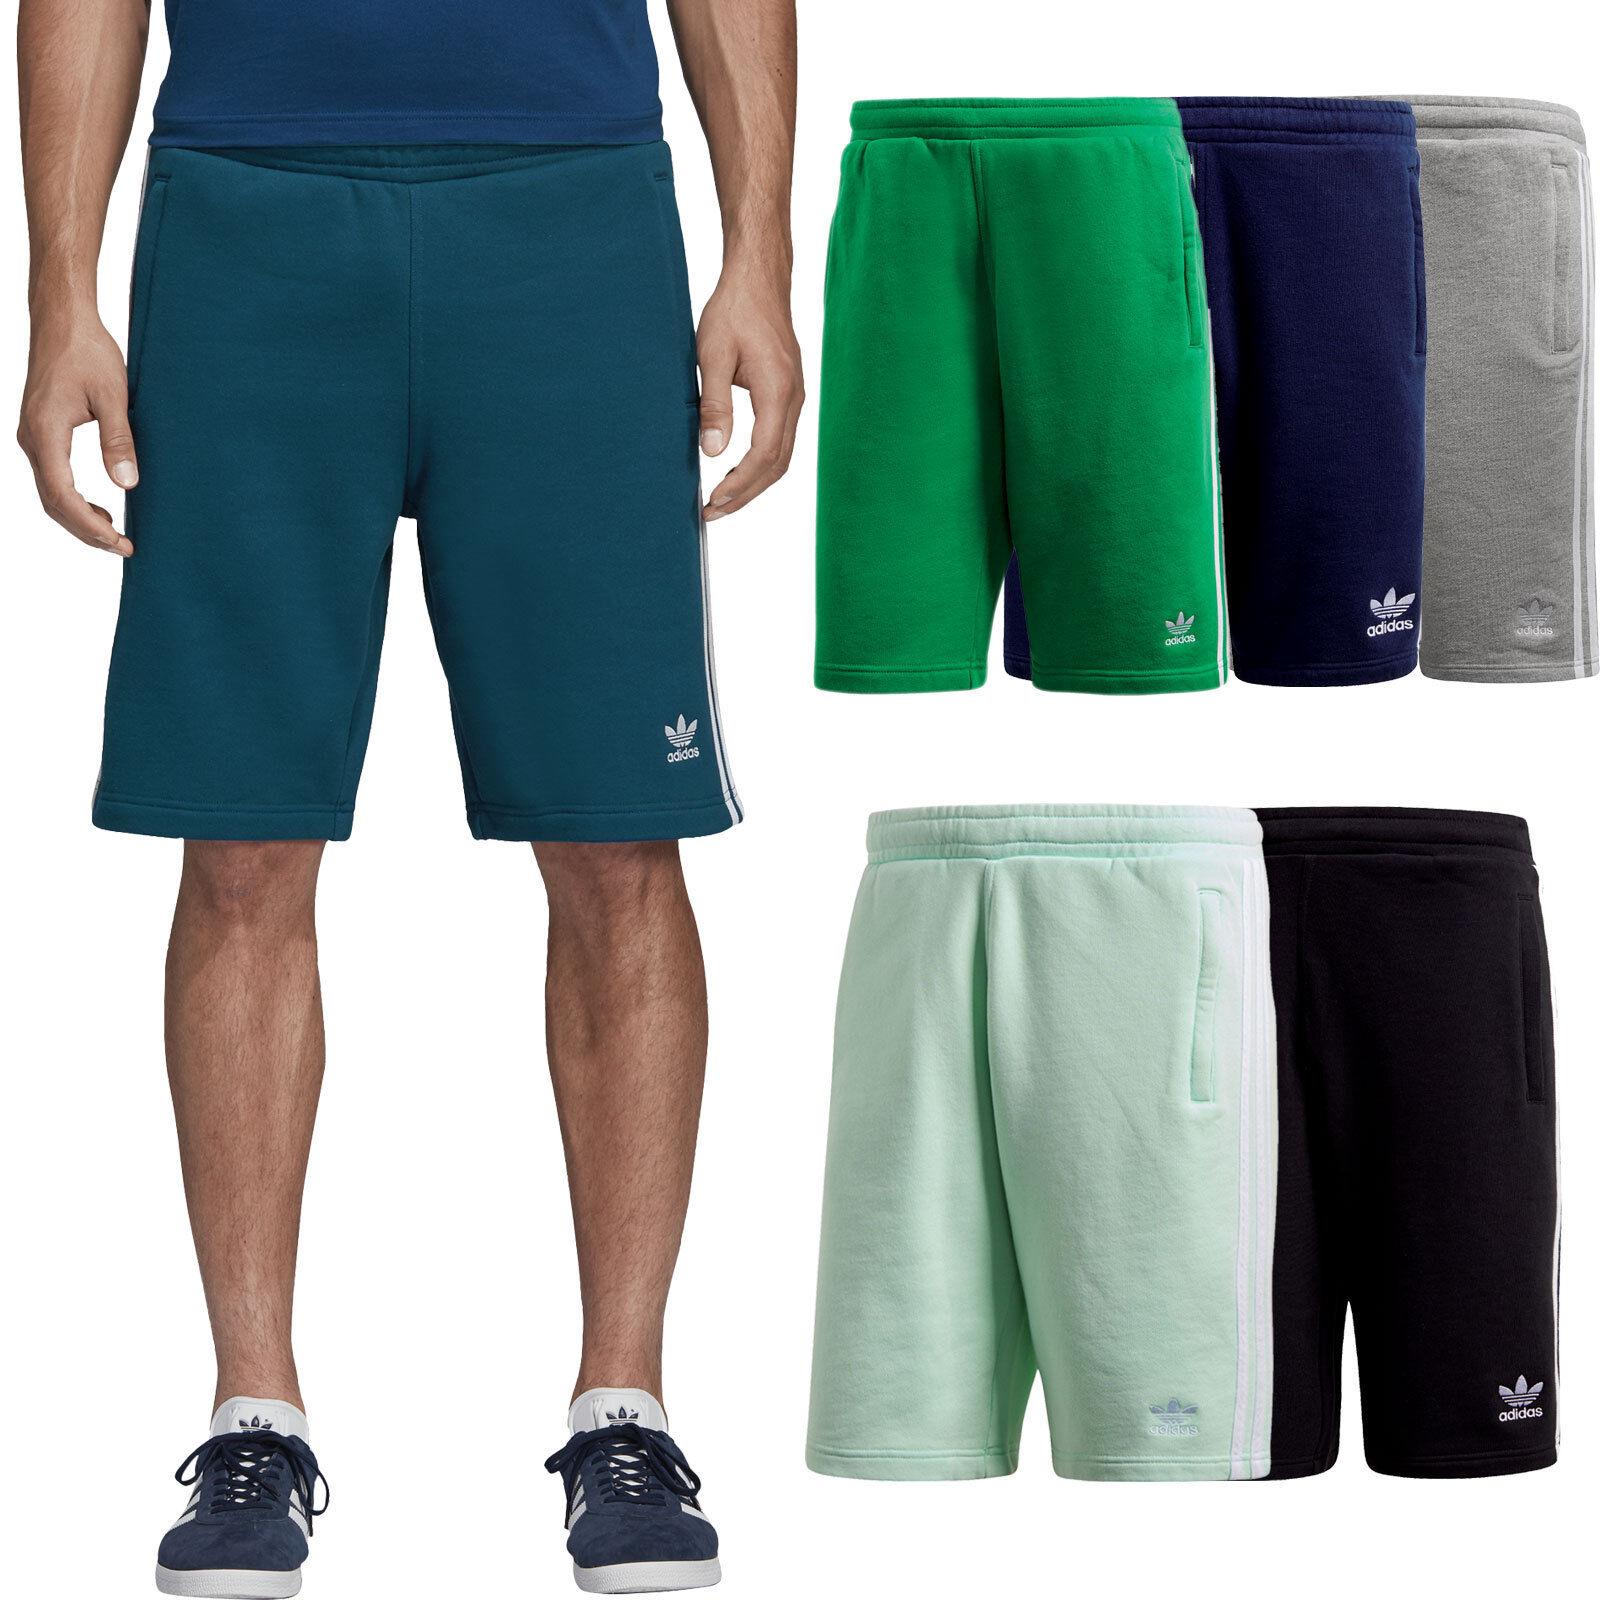 62a3844c1e0ca8 adidas Originals 3-Stripe Short Herren-Shorts Freizeit-Hose Bermuda  Jogging-Hose